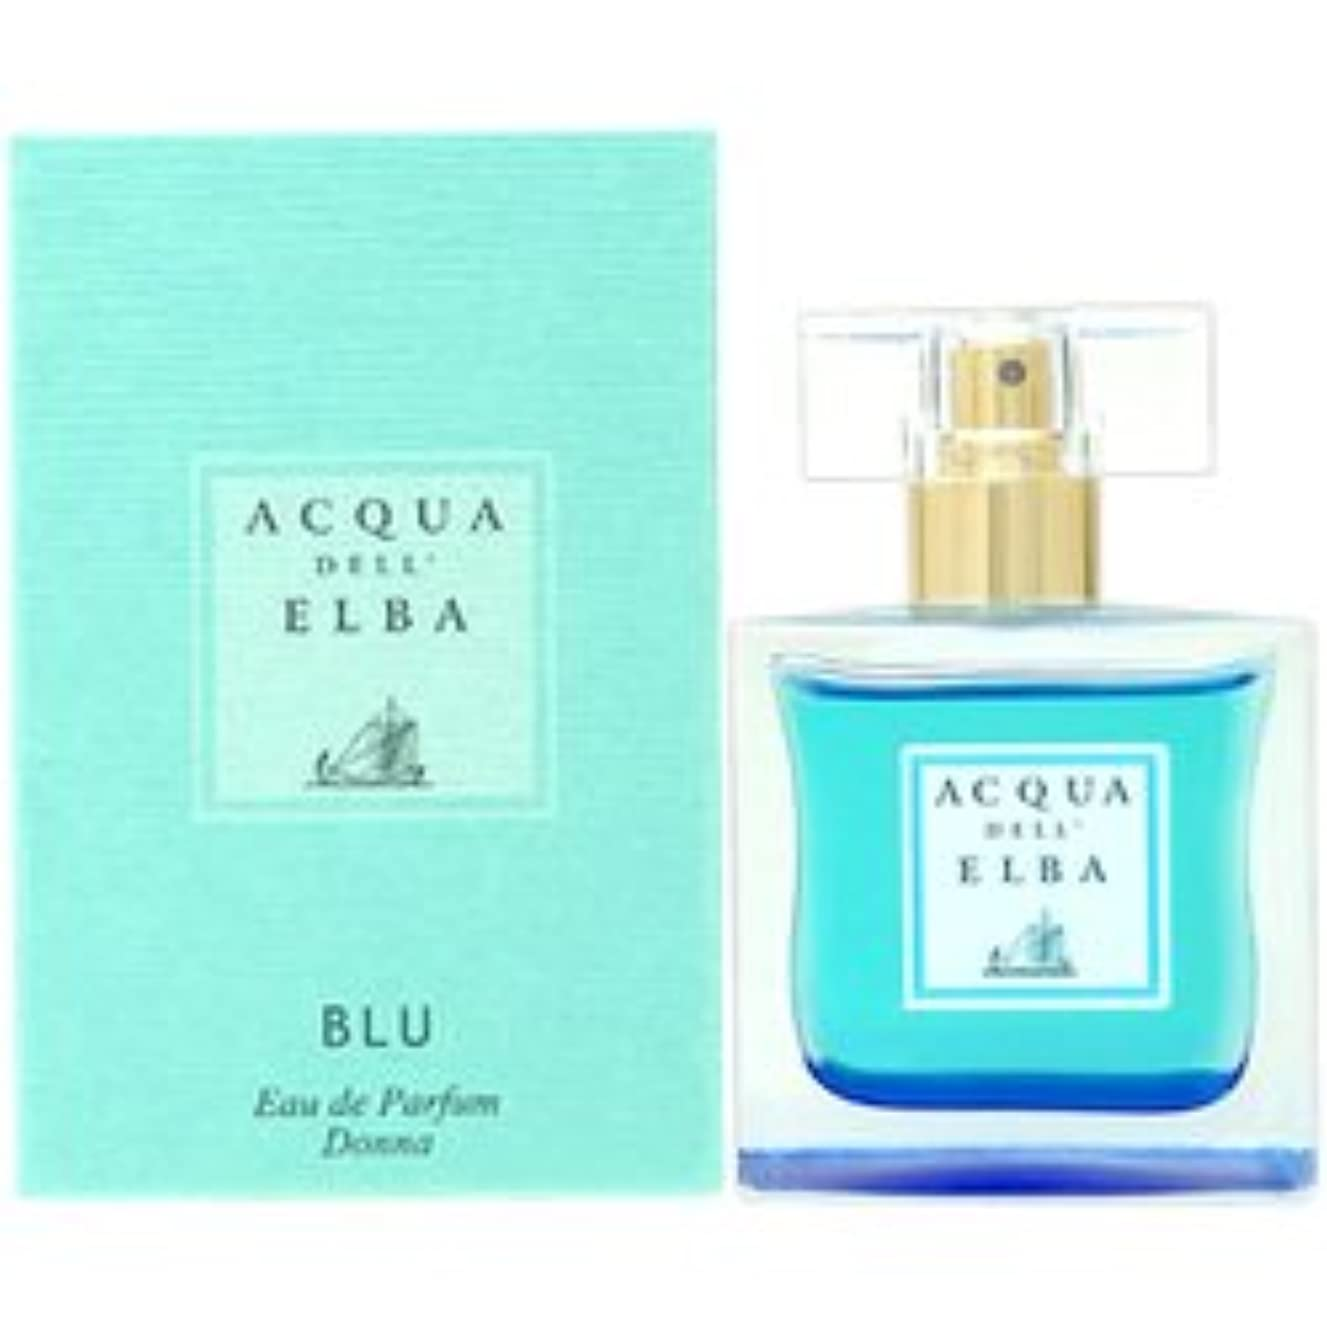 汚れる億香り【アクアデルエルバ】ブルー ウーマン EDP SP 50ml【オードパルファム】BLU [並行輸入品]